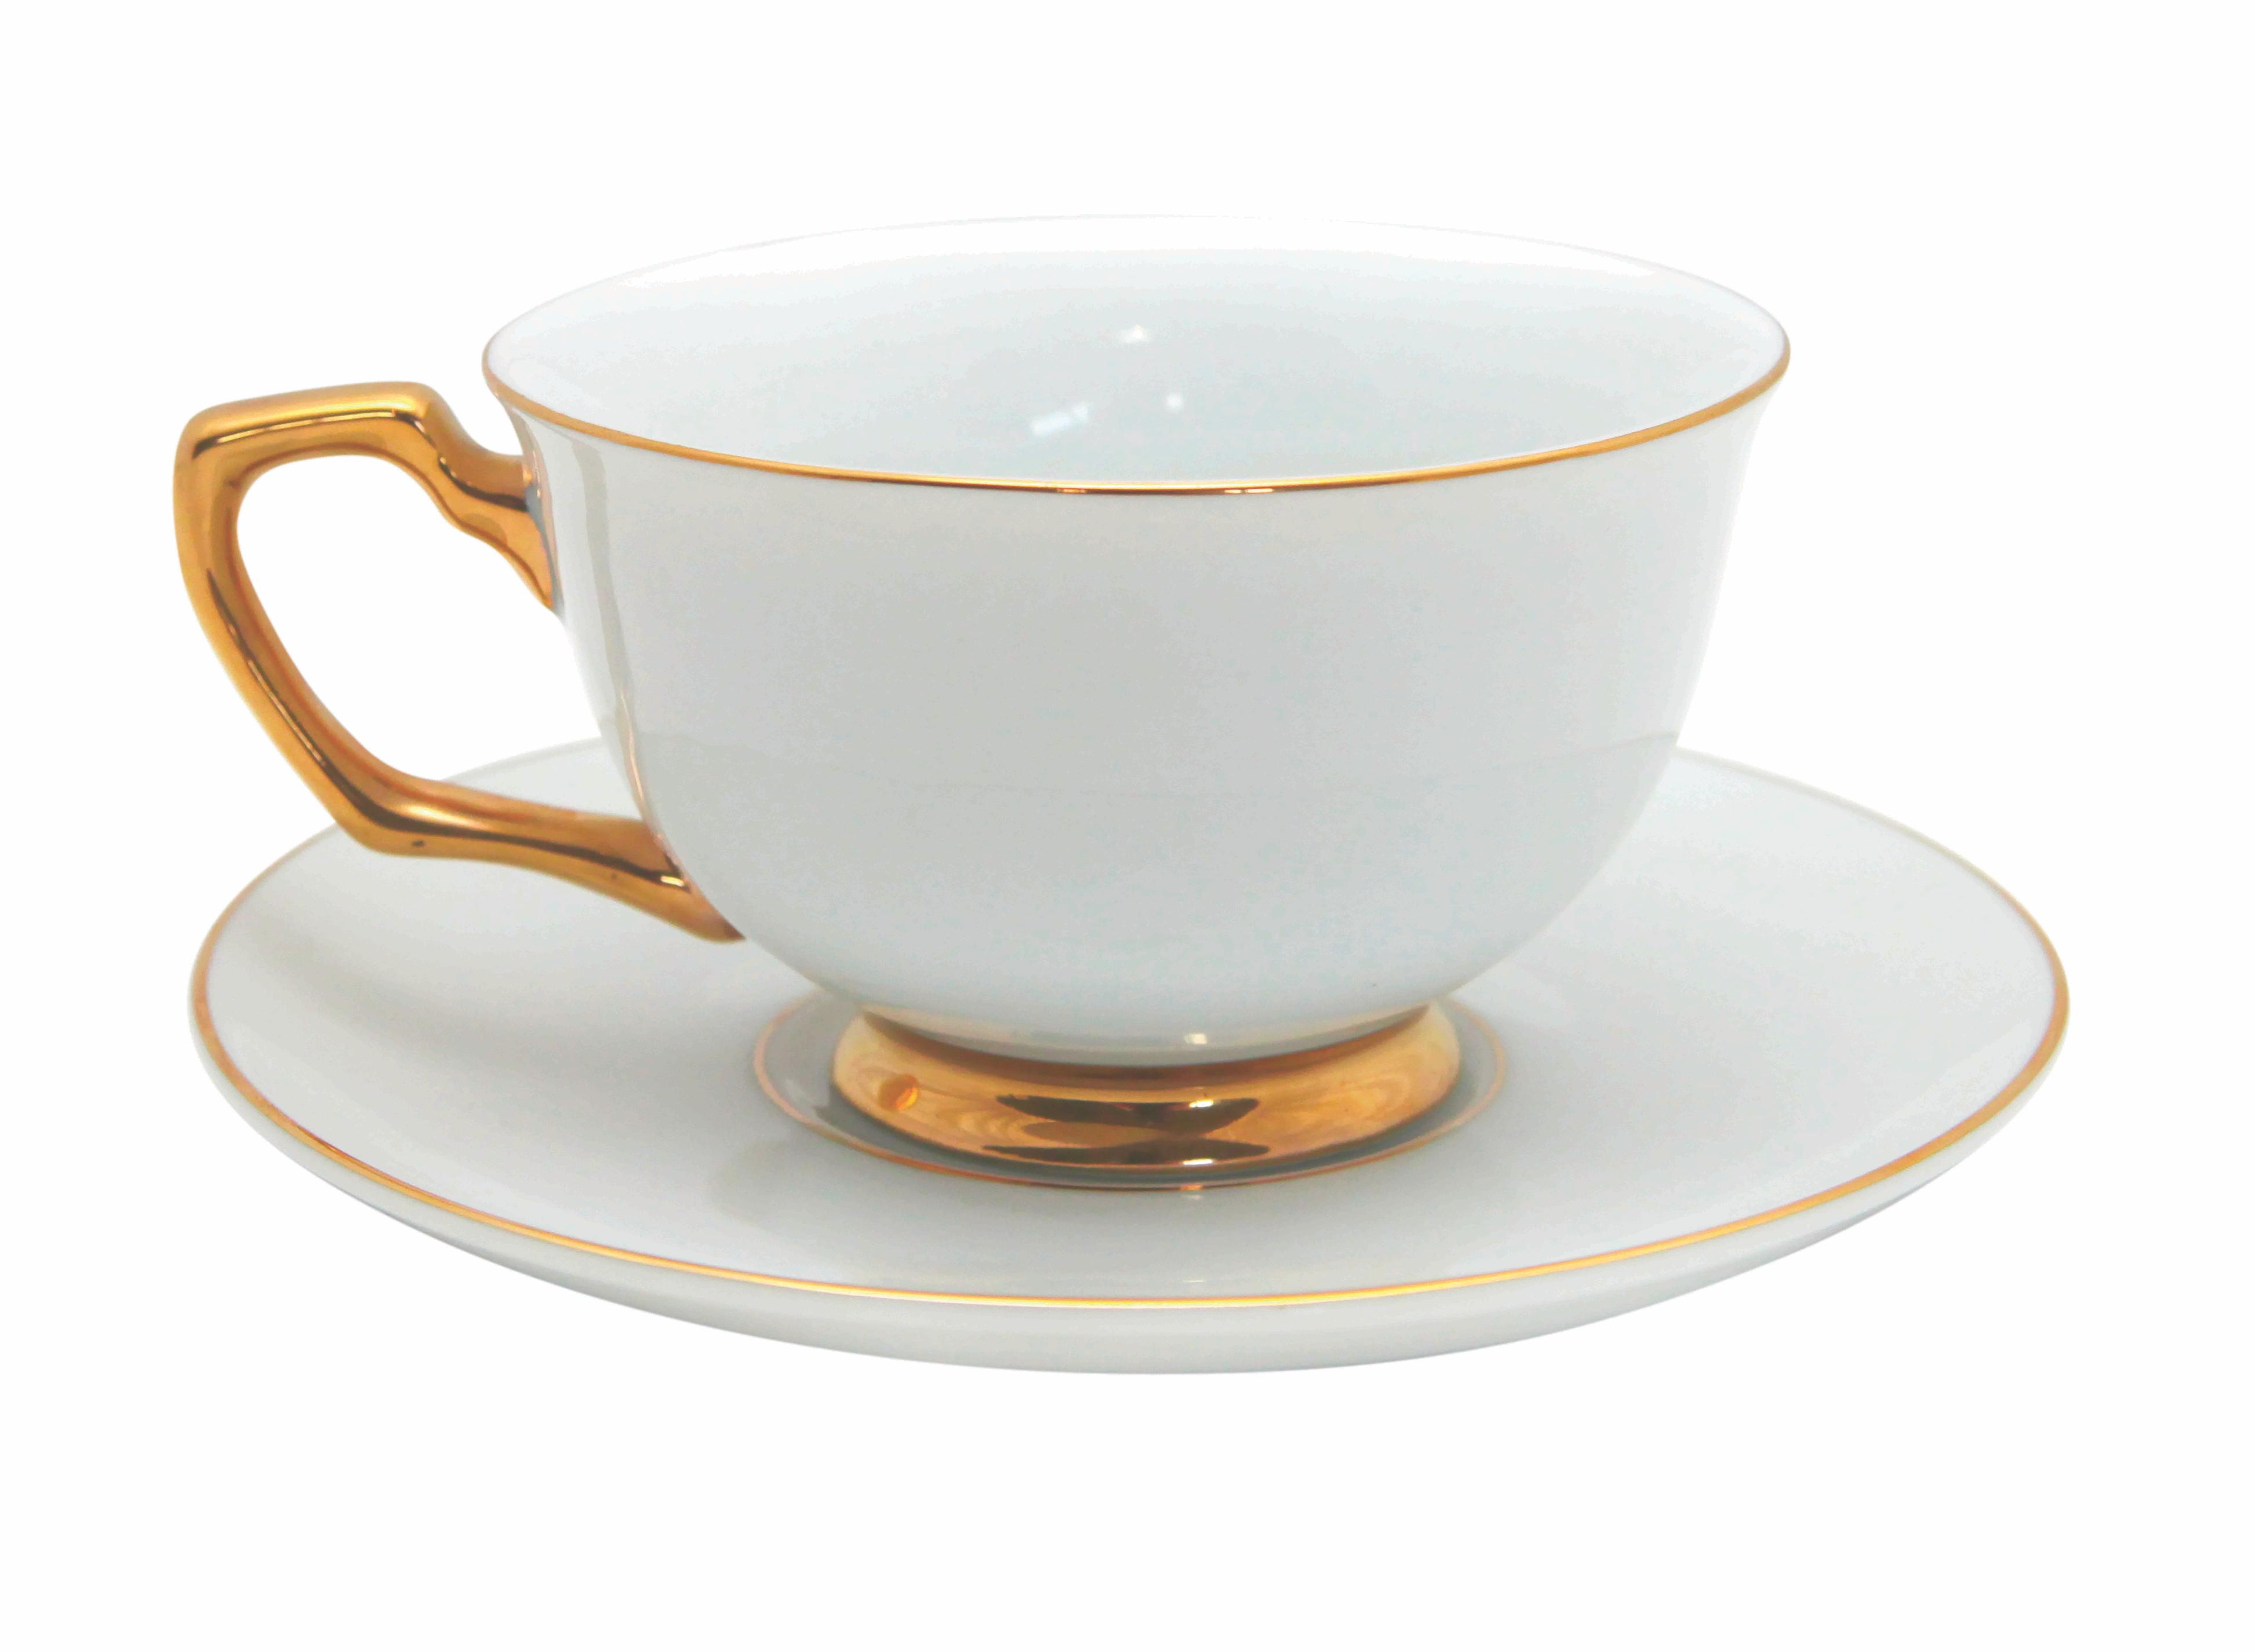 PNG Cup Of Tea - 133174